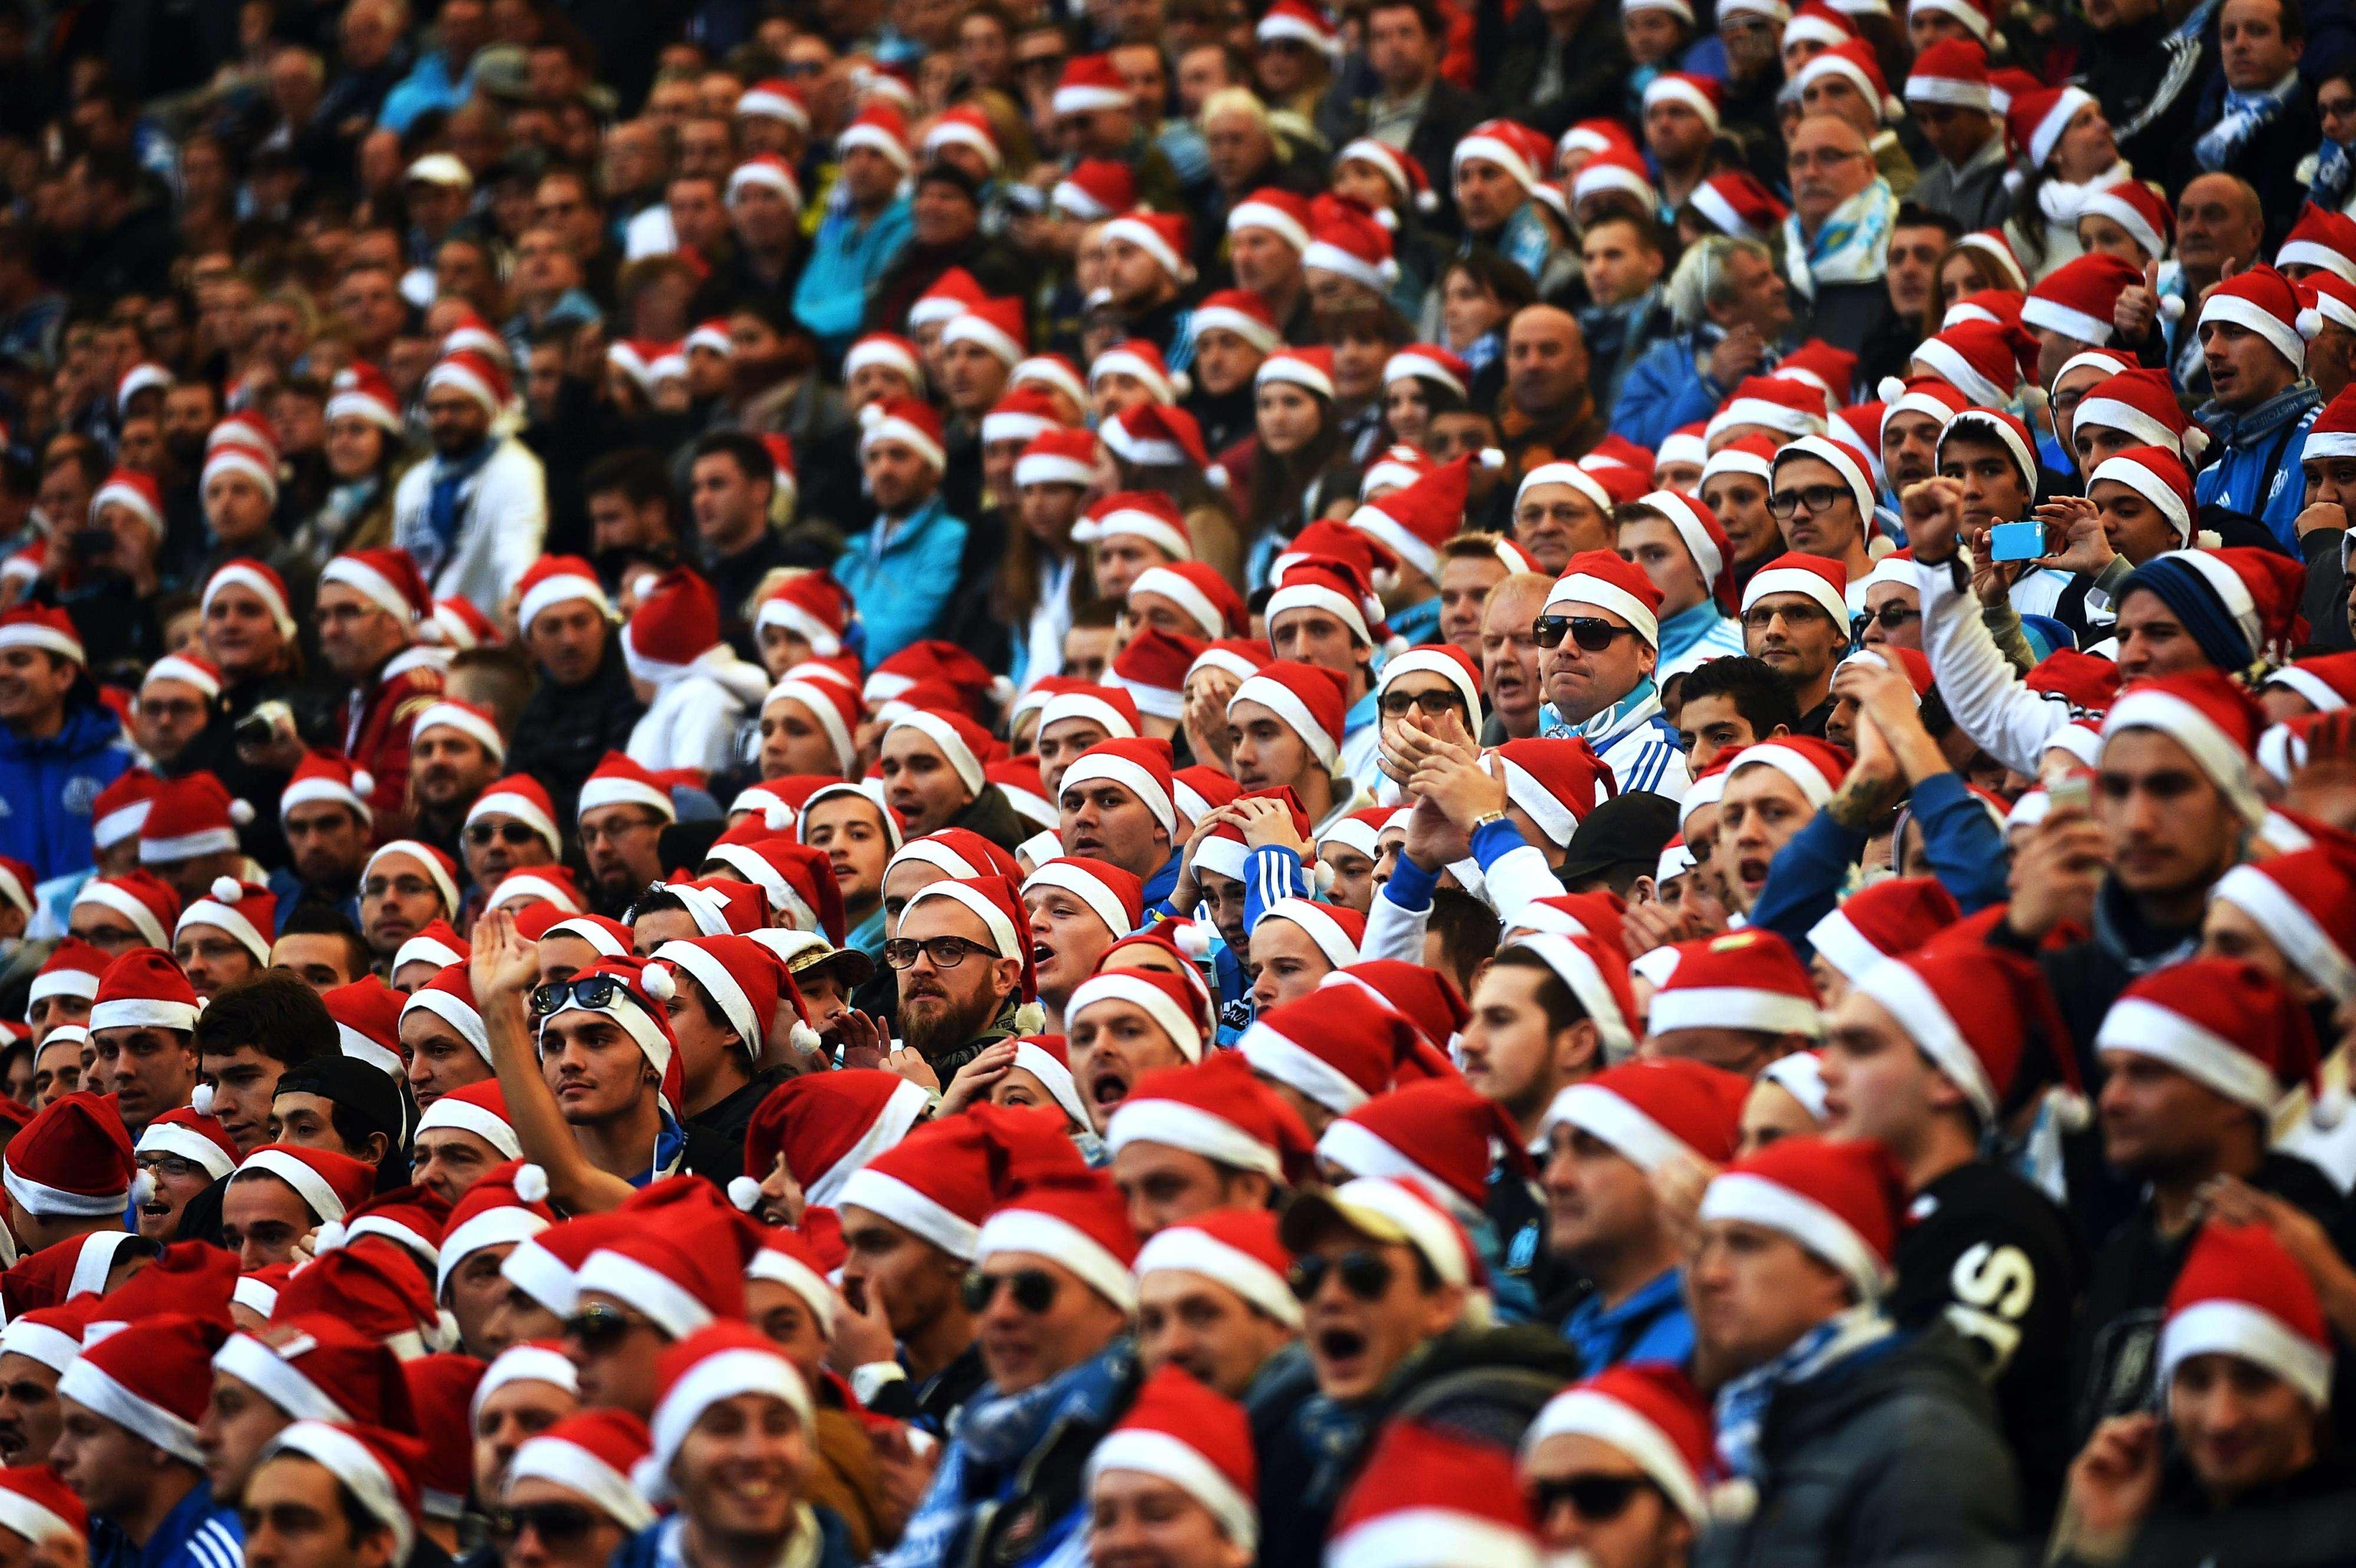 Torcida comemorou vitória, liderança e o Natal Foto: Anne Christine Poujoulat/AFP